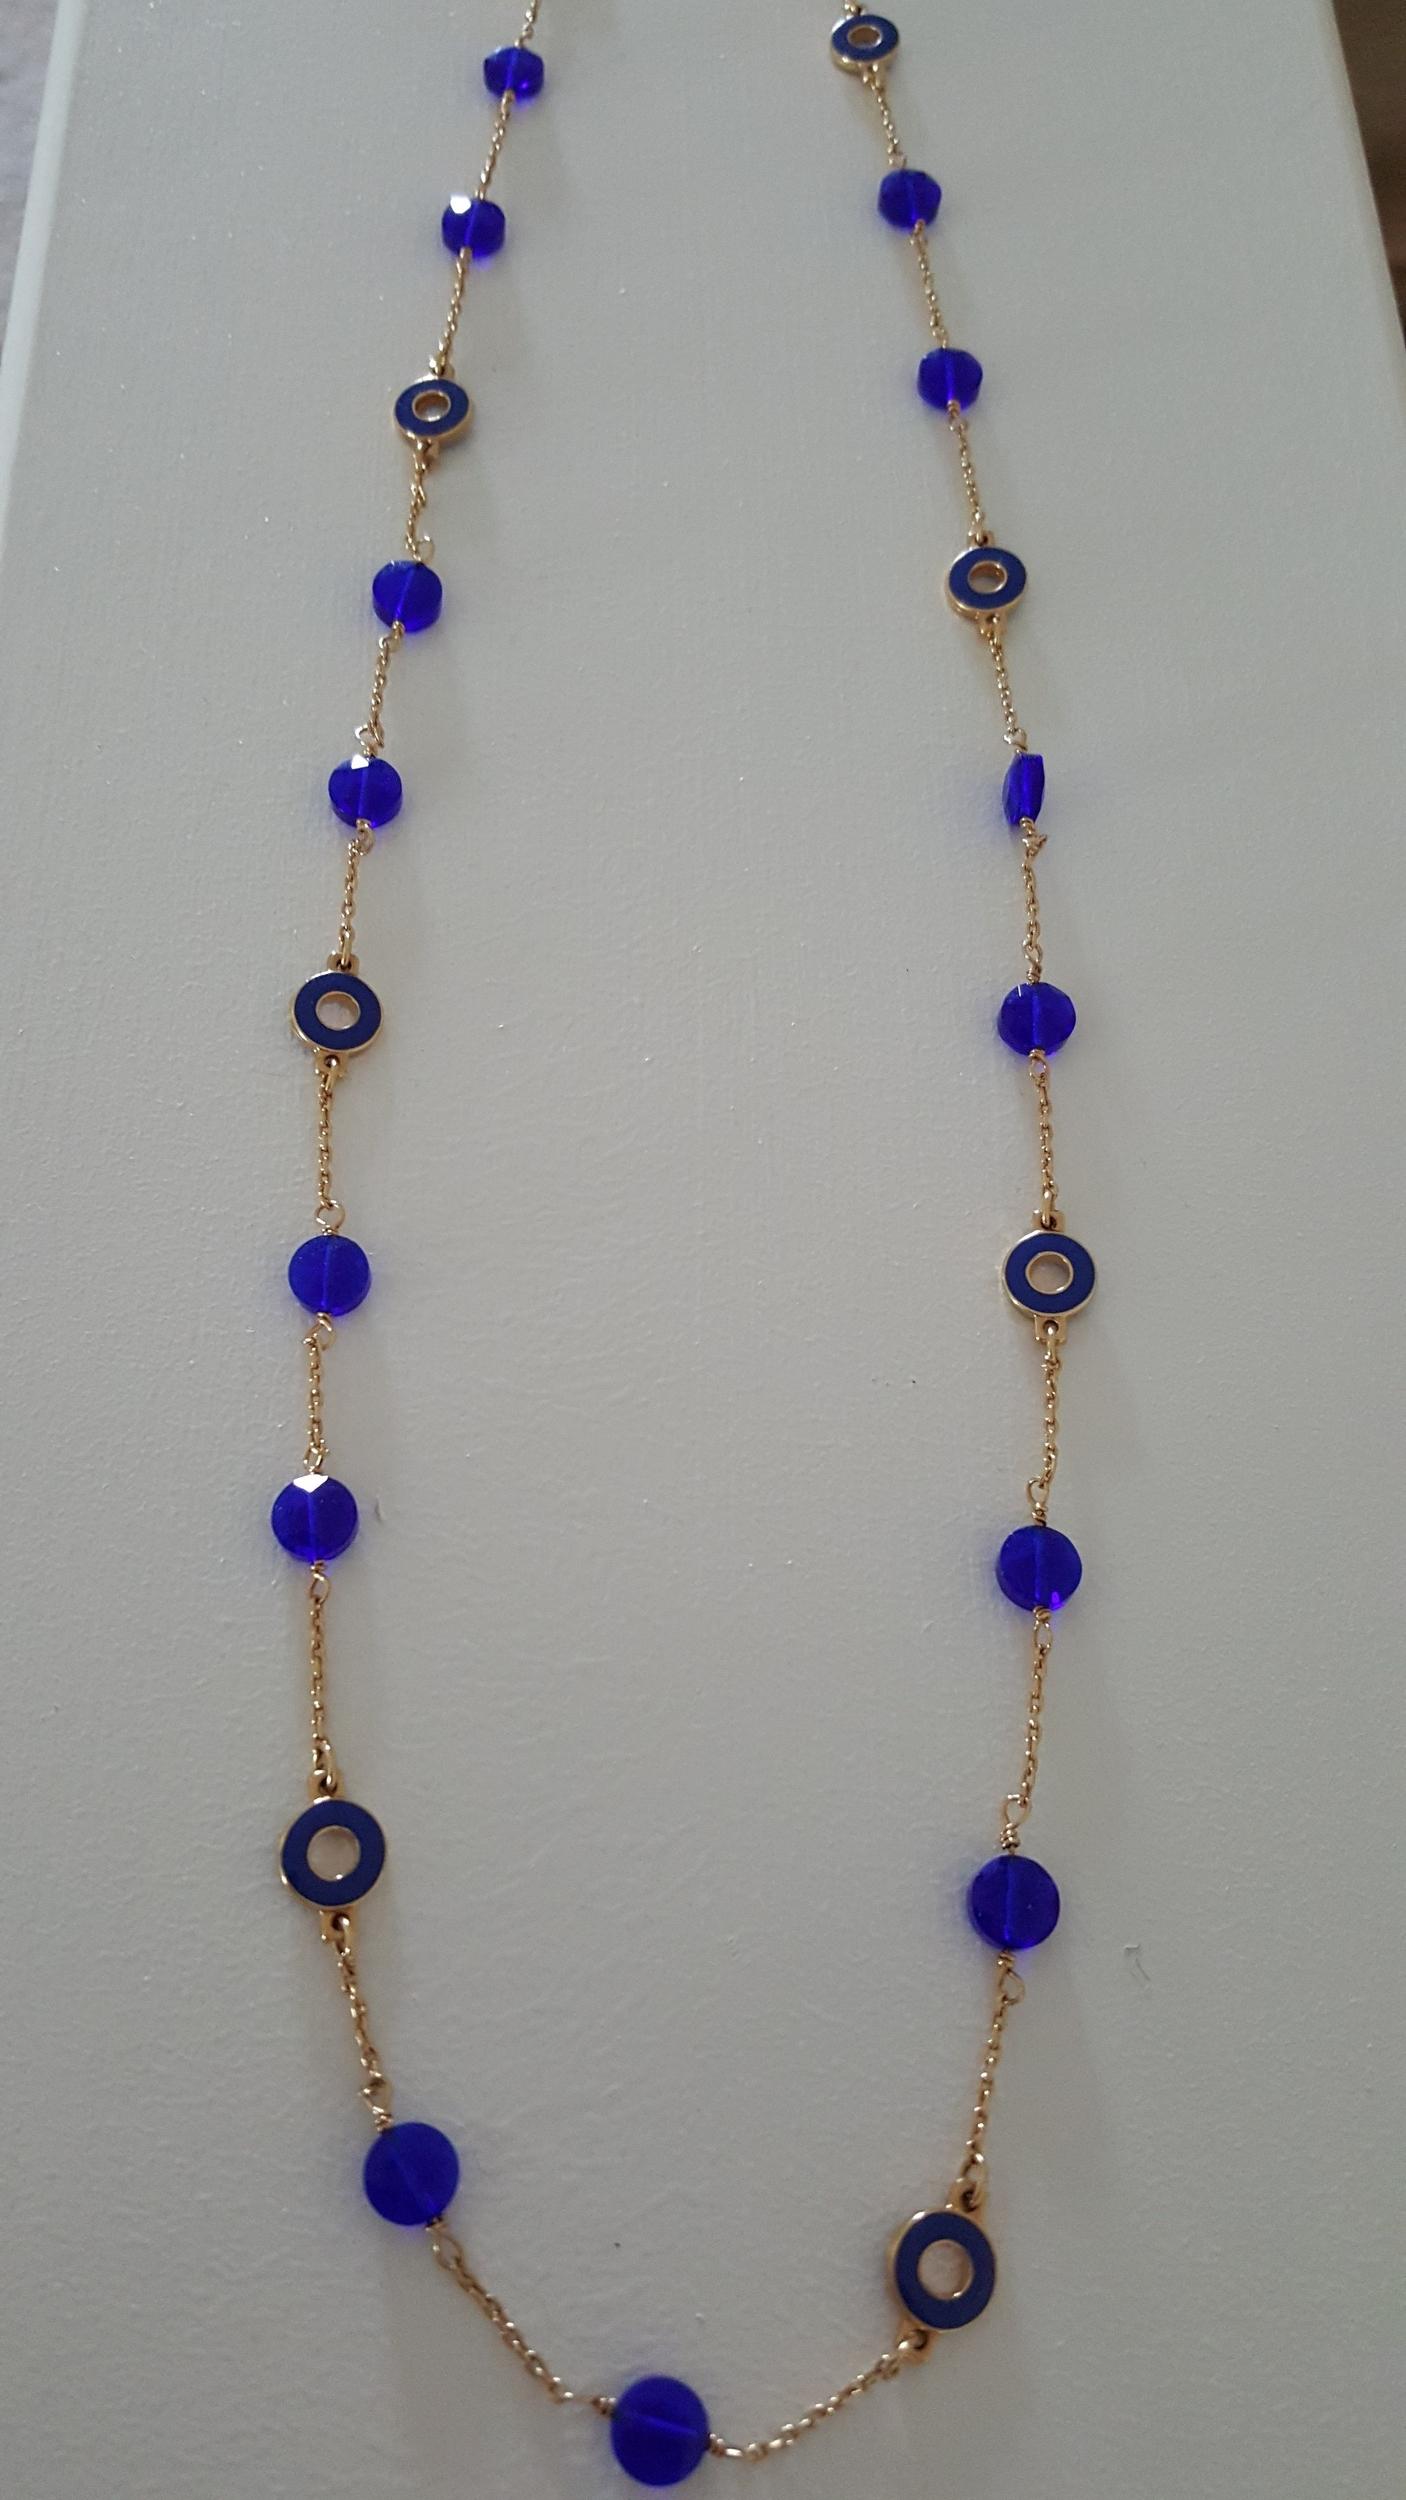 Blue JCREW Necklace